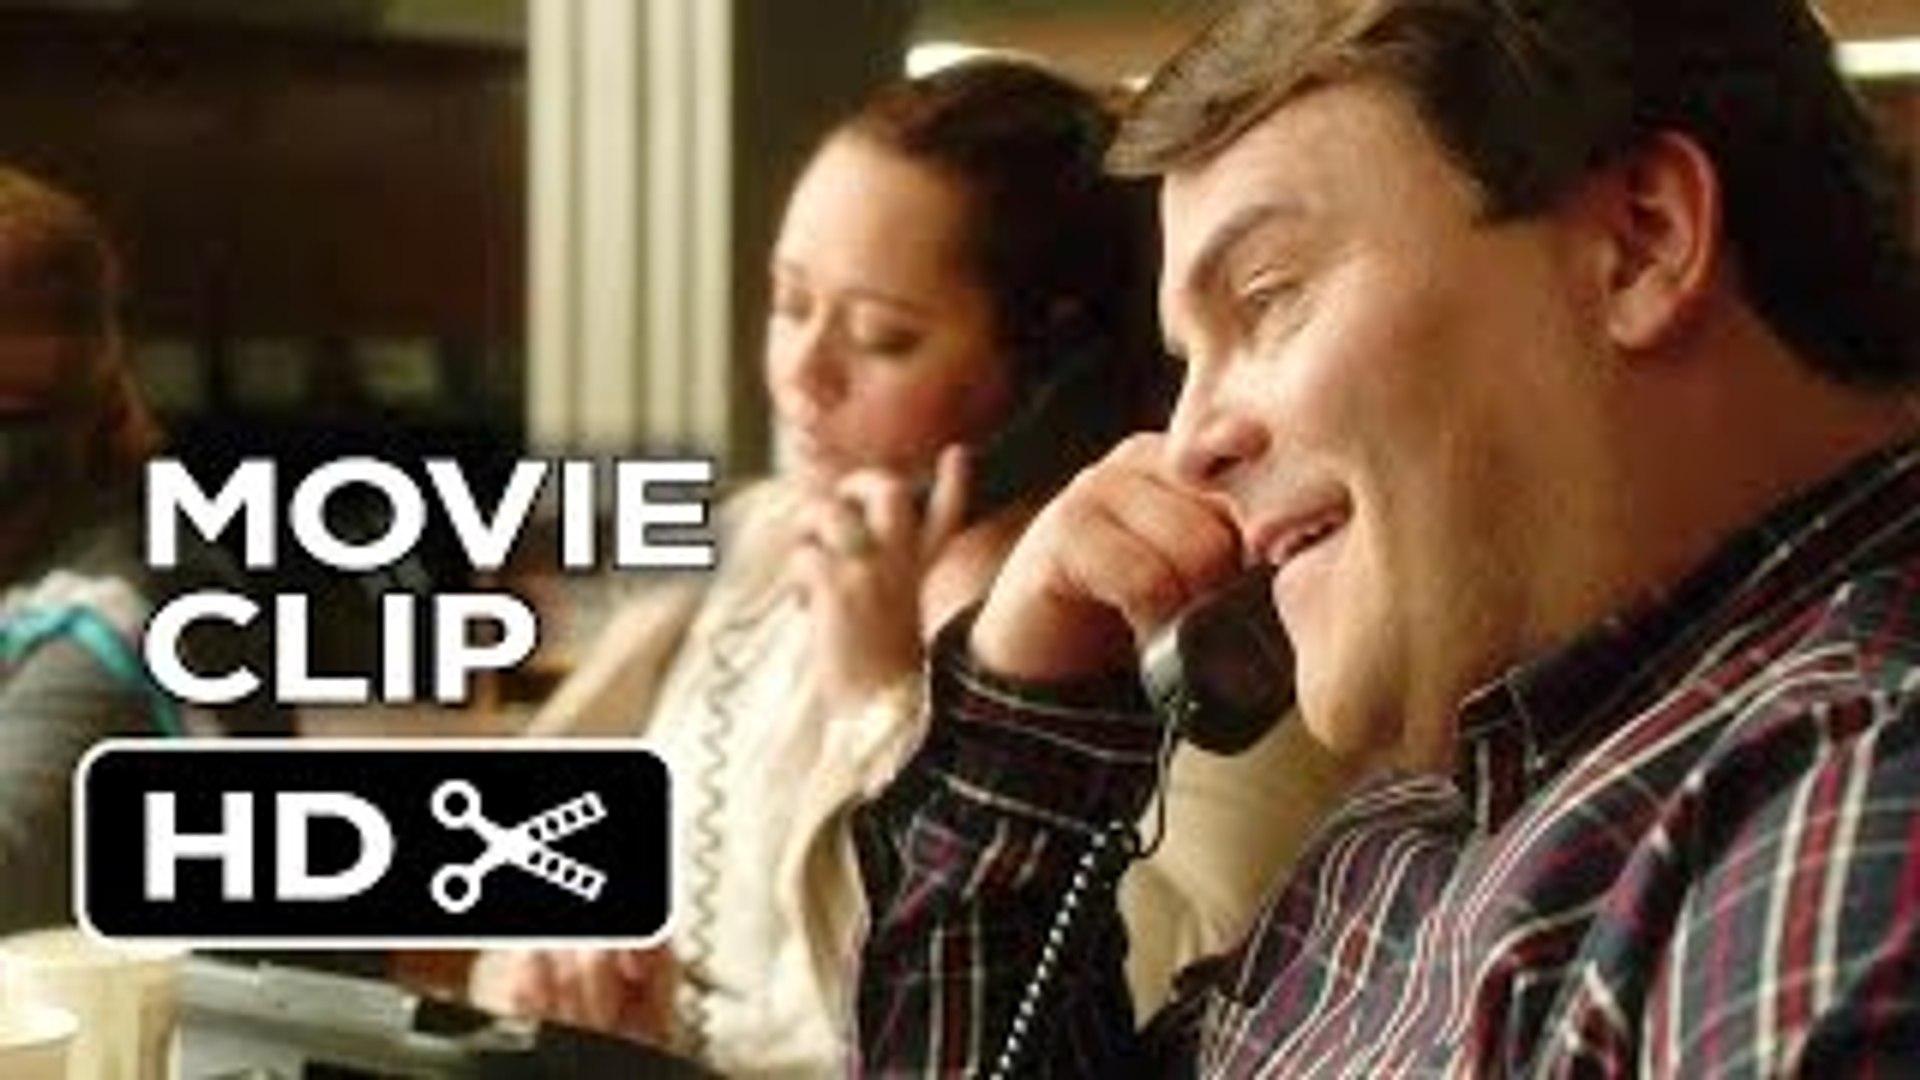 The D Train Movie CLIP - Cold Calls (2015) - Jack Black Comedy HD